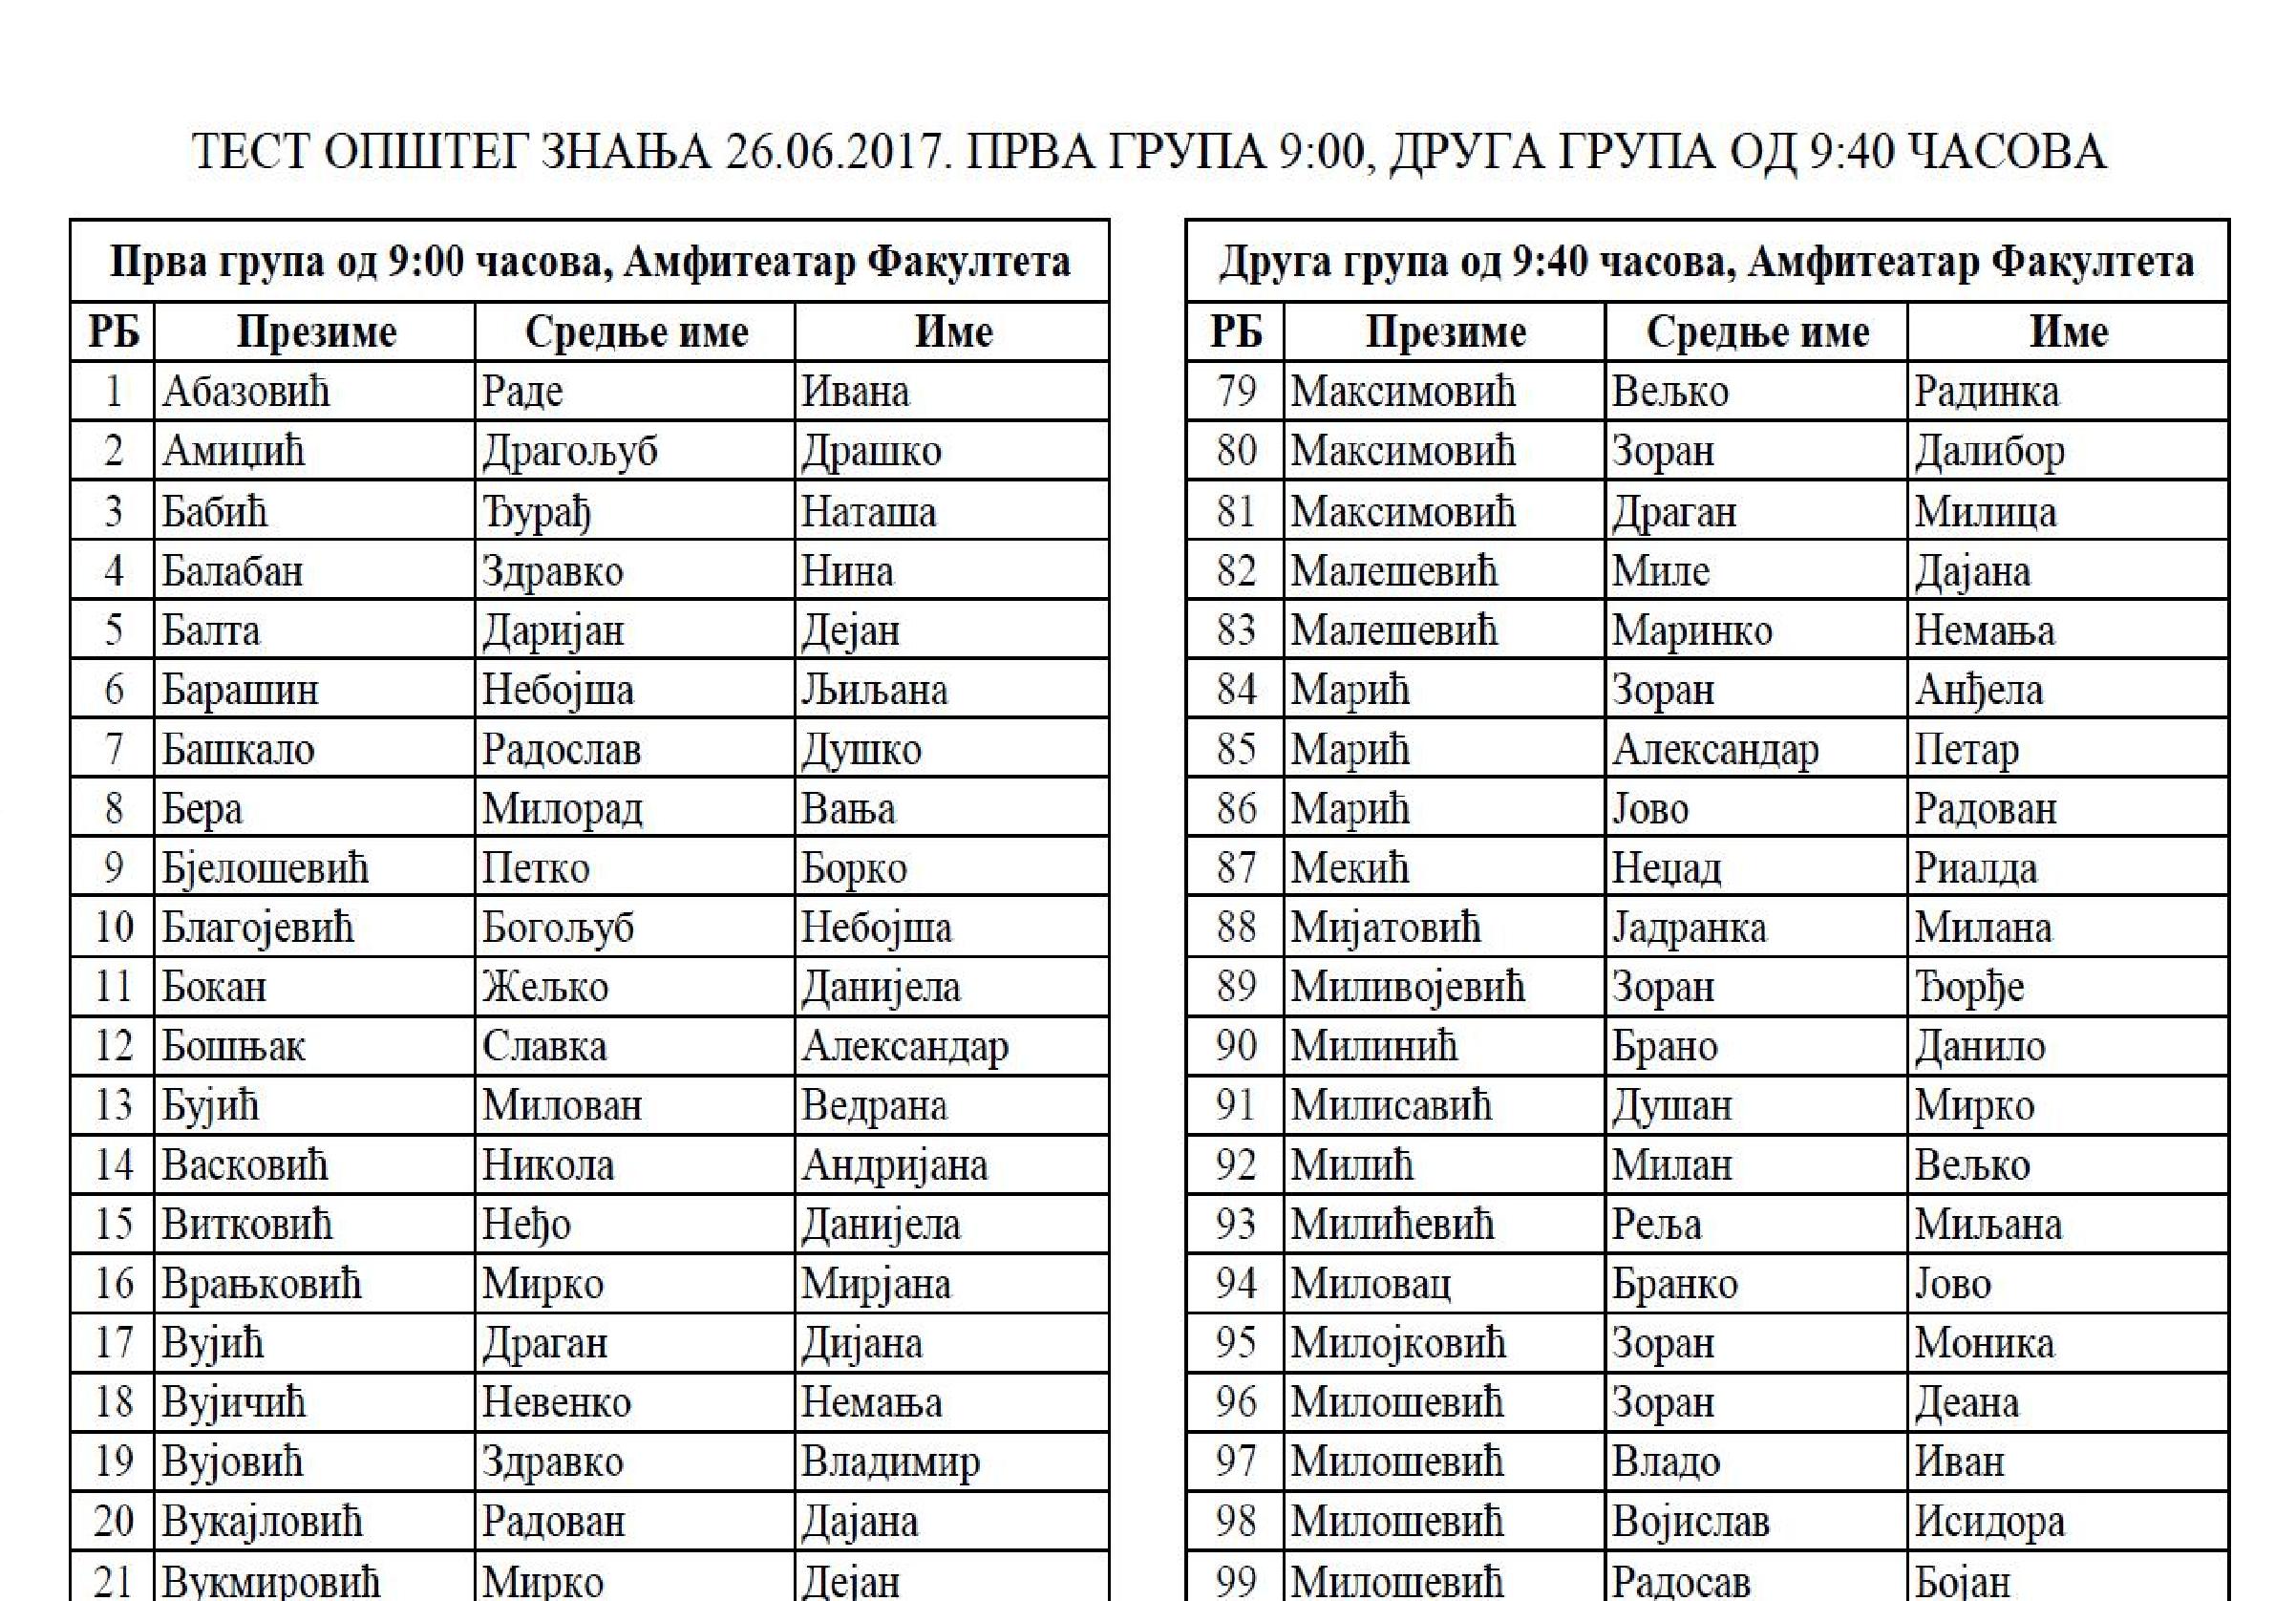 Спискови кандидата и распоред полагања пријемног испита